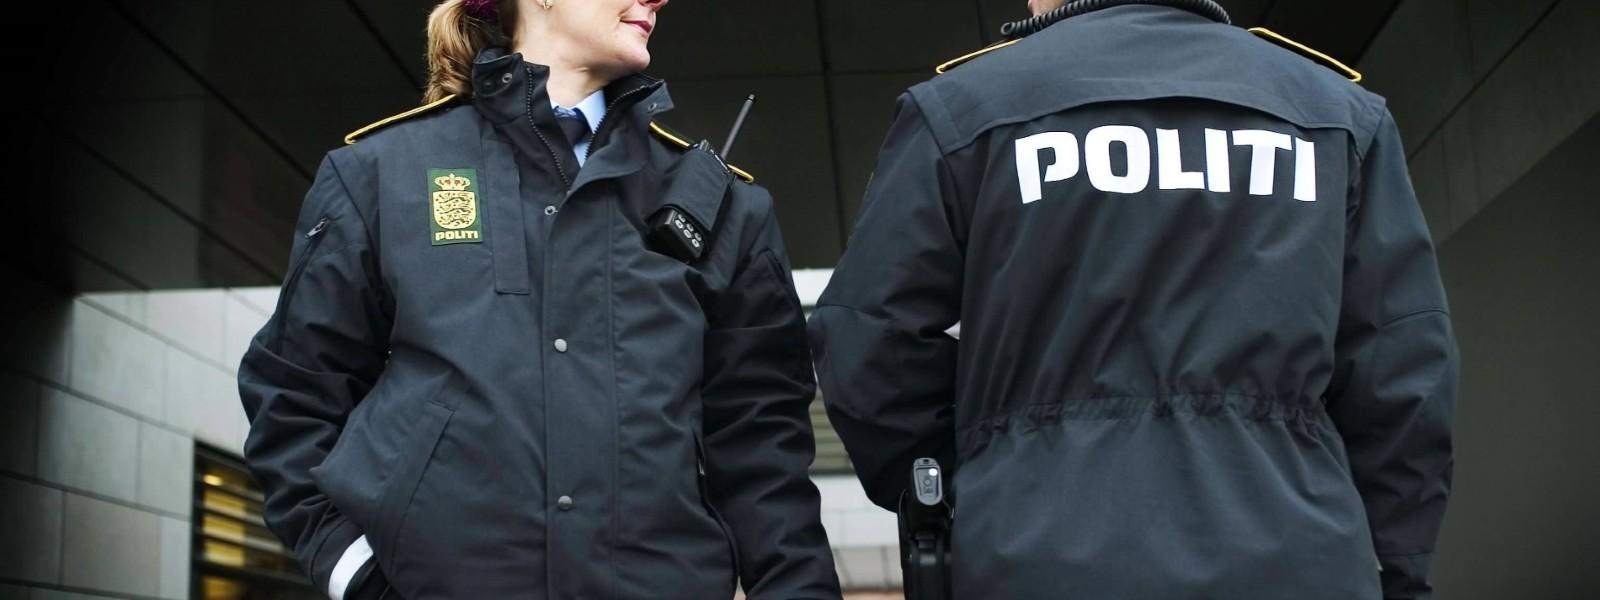 WOTDAY - Hjælp til at bestå Polities fysiske optagelsesprøve 4